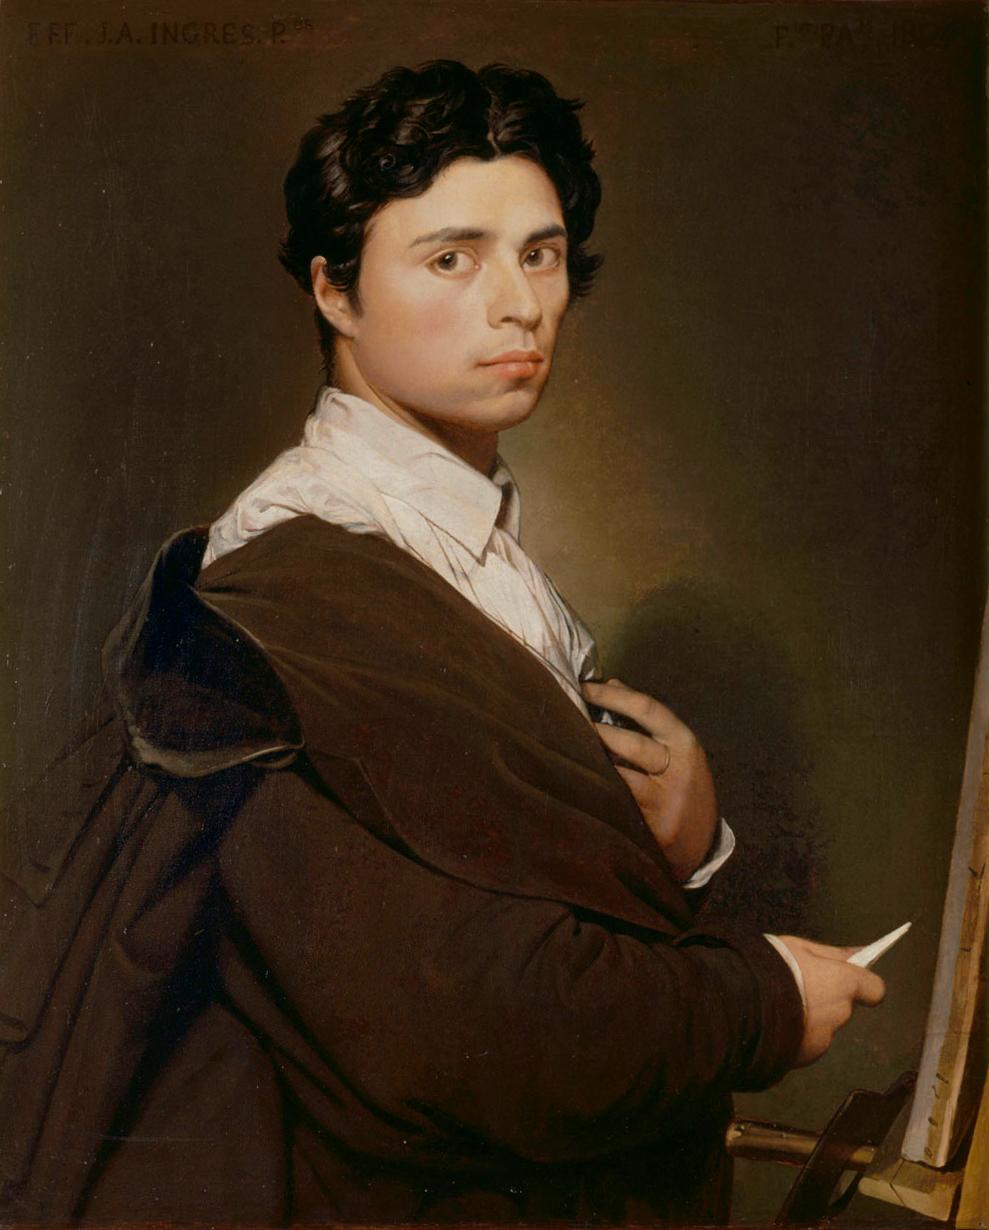 La sorprendente galleria di ritratti, estremamente realistici, che Ingres  ci ha lasciato, è un vero e proprio specchio della società borghese del suo  tempo,